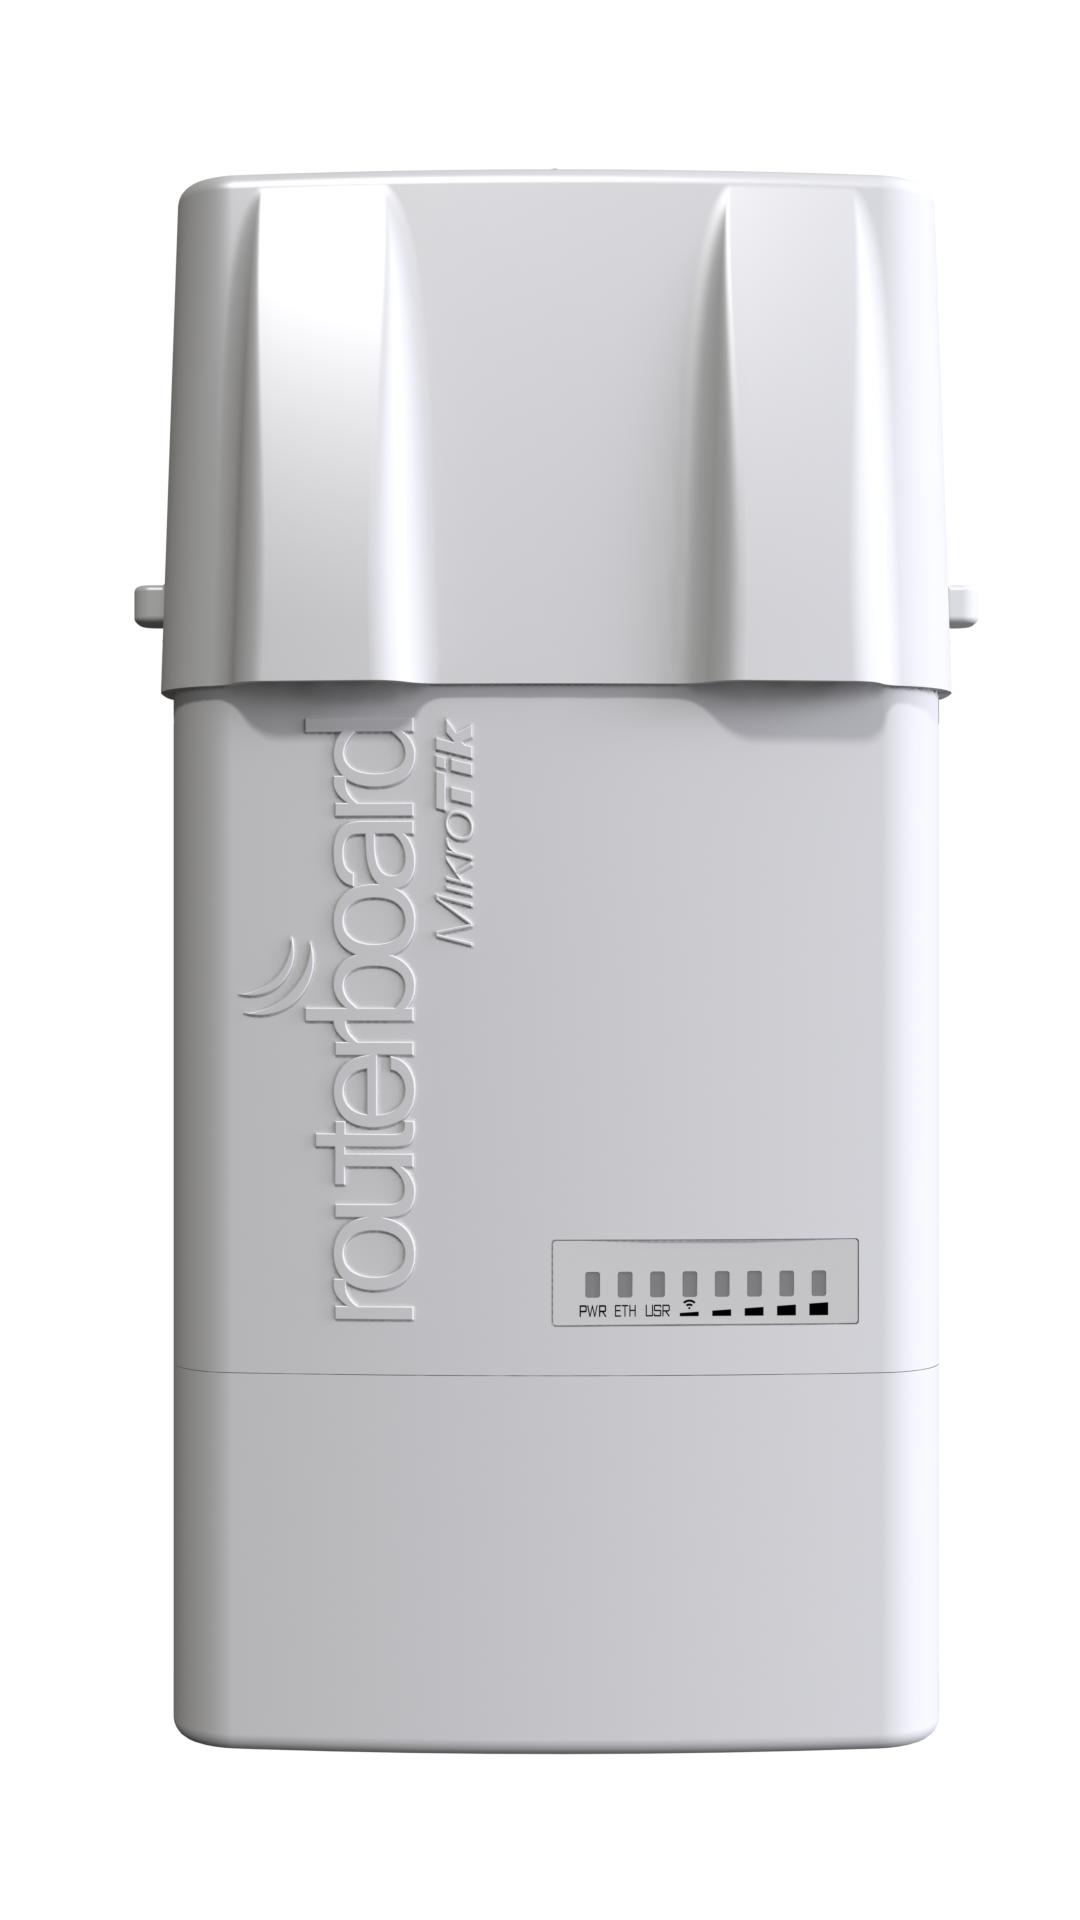 Беспроводная точка доступа Mikrotik NetBox 5